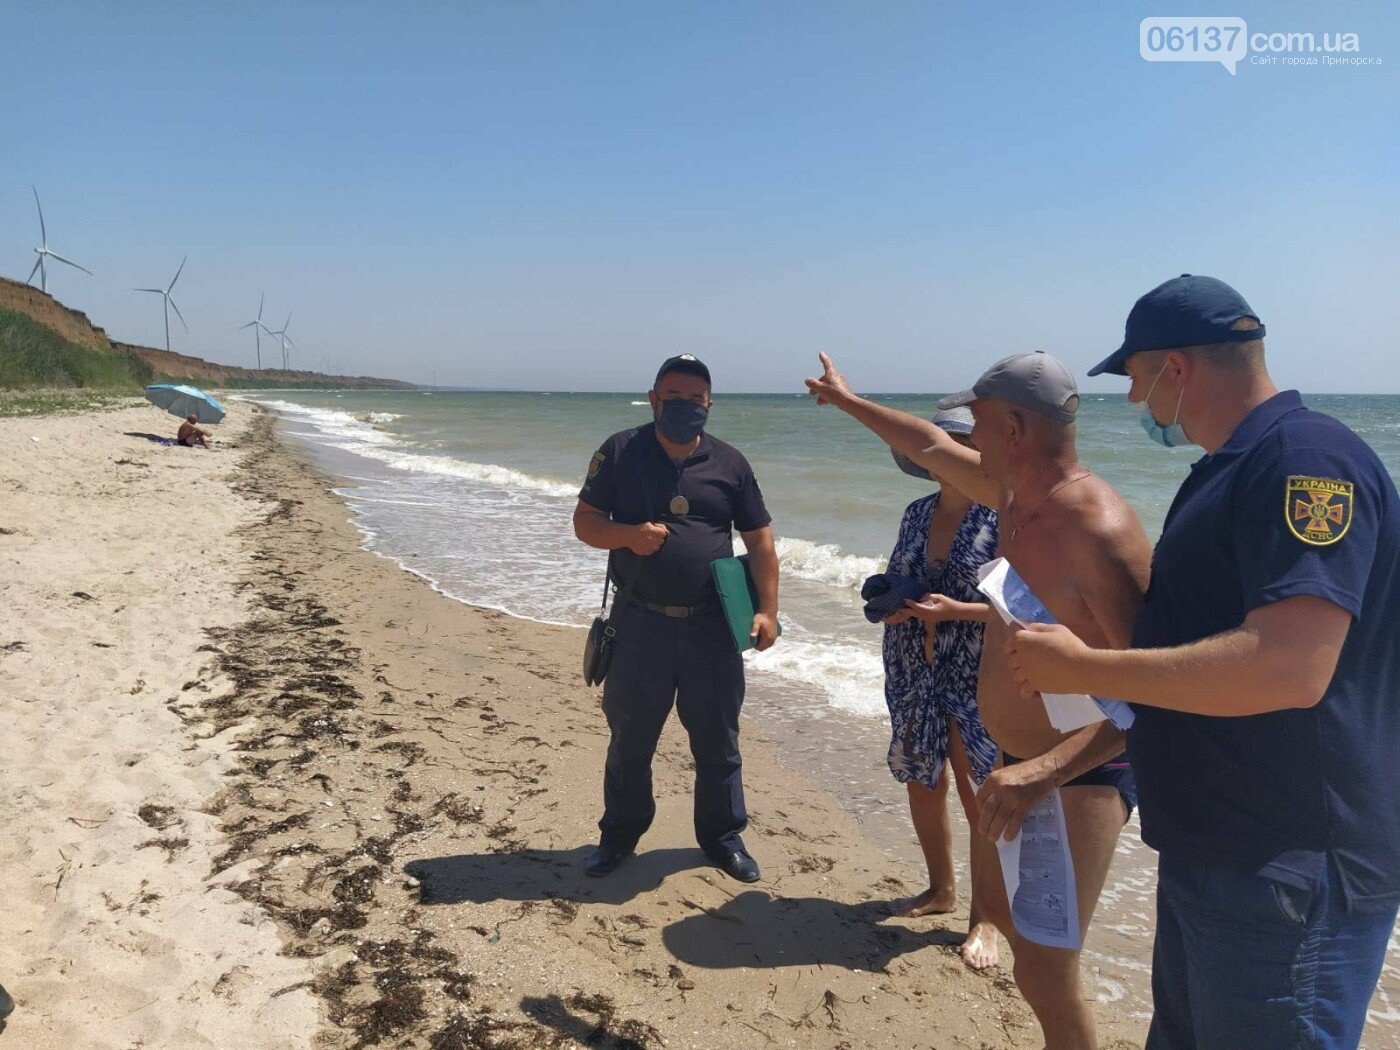 На курортах Запорізької області рятувальники разом з поліцією проводять профілактику безпеки на воді, фото-1